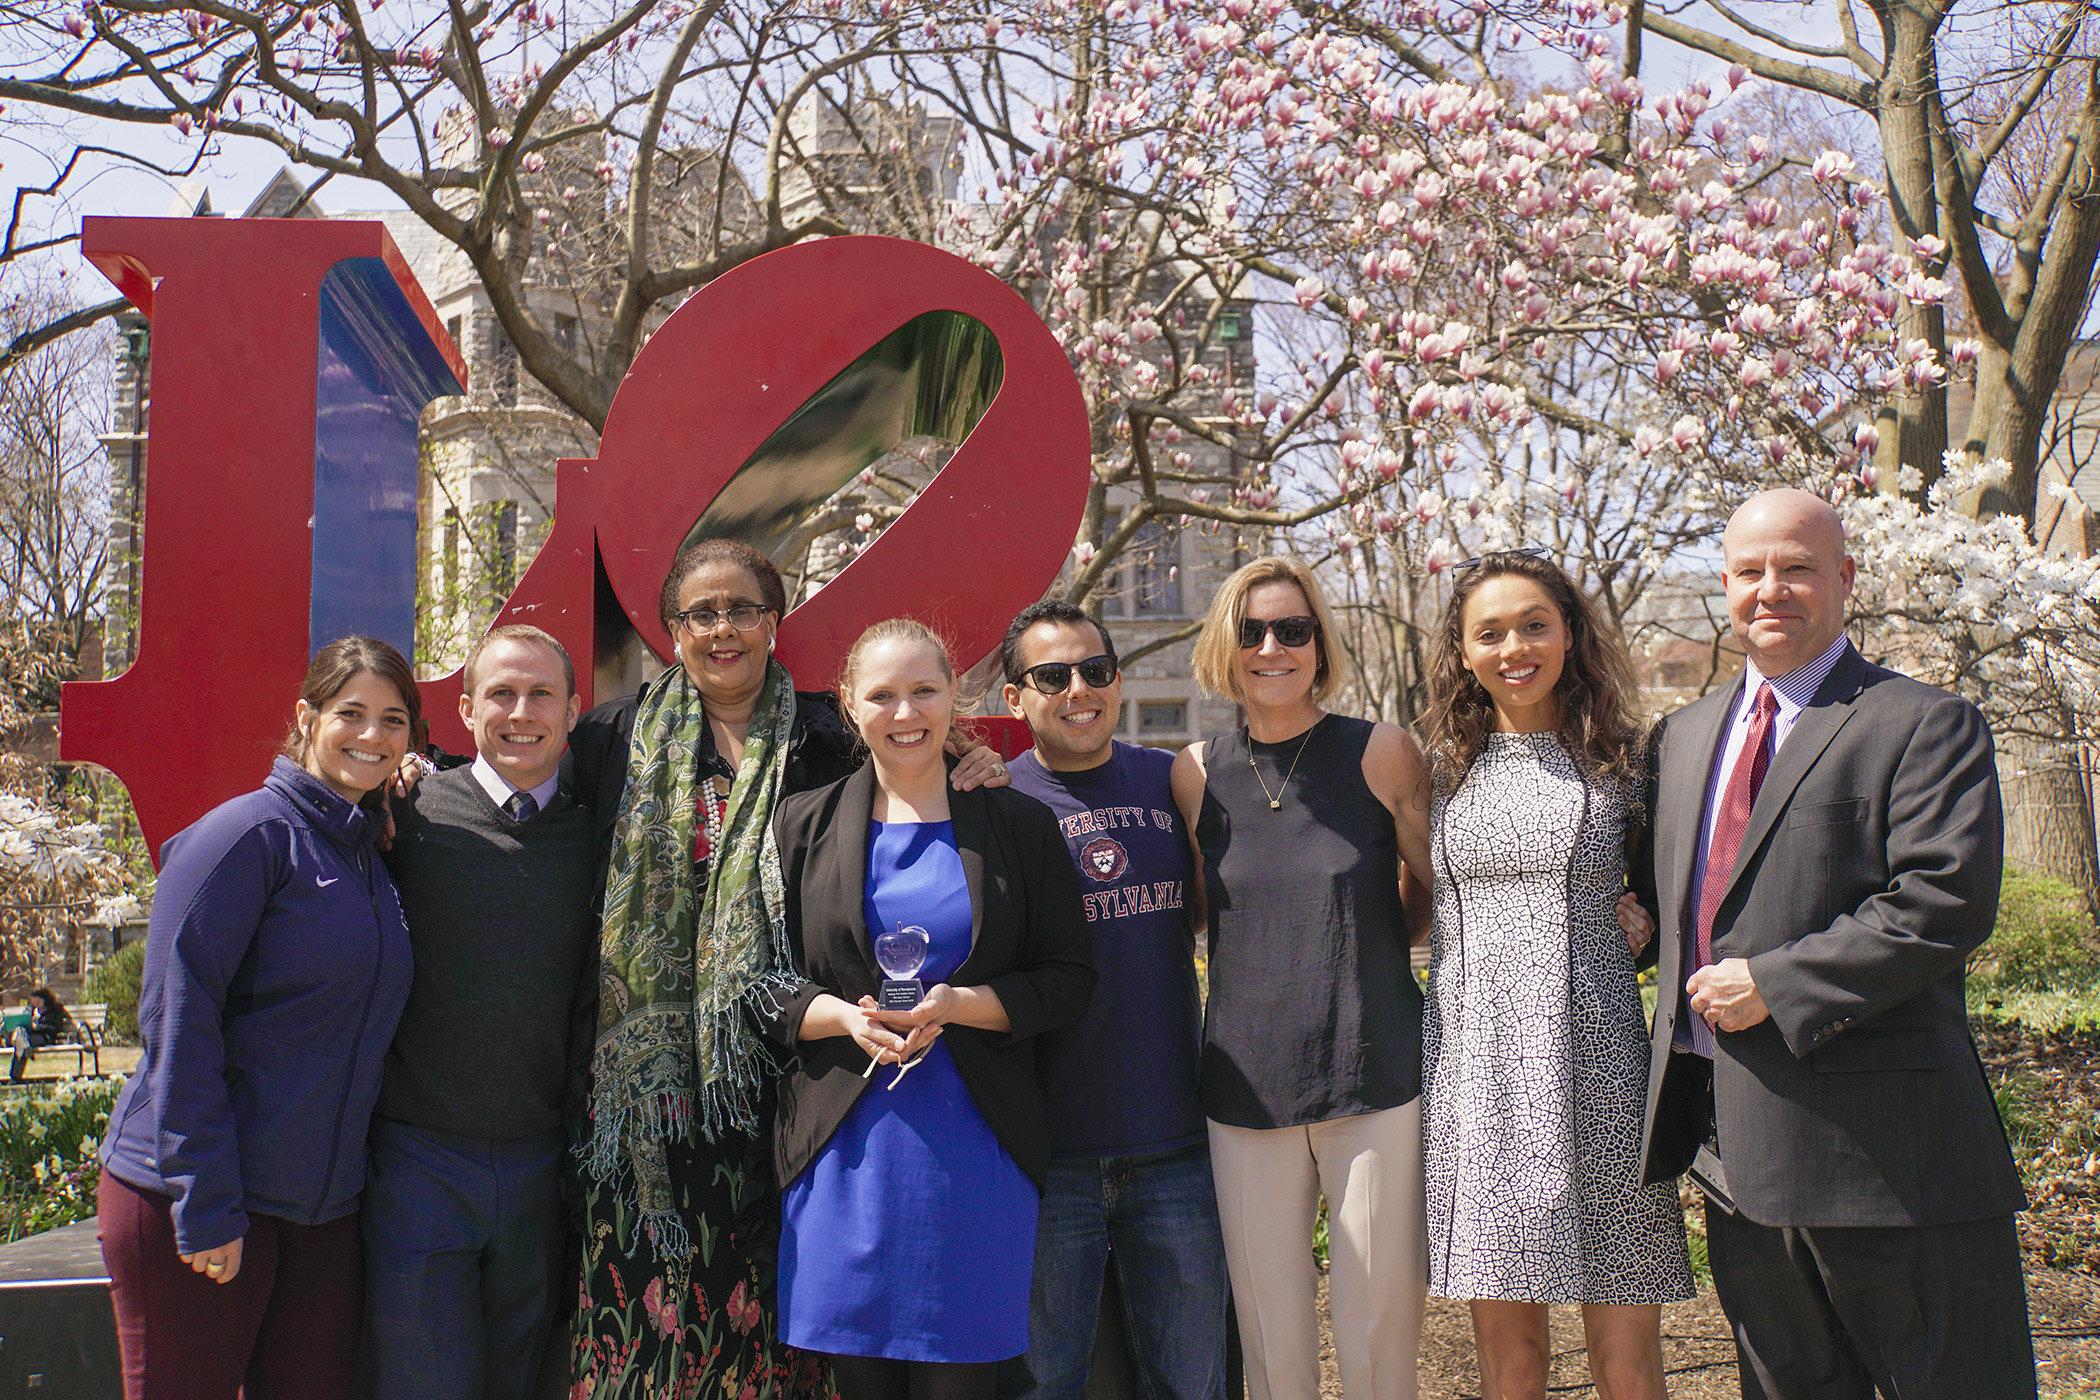 Members of the Healthy Penn team